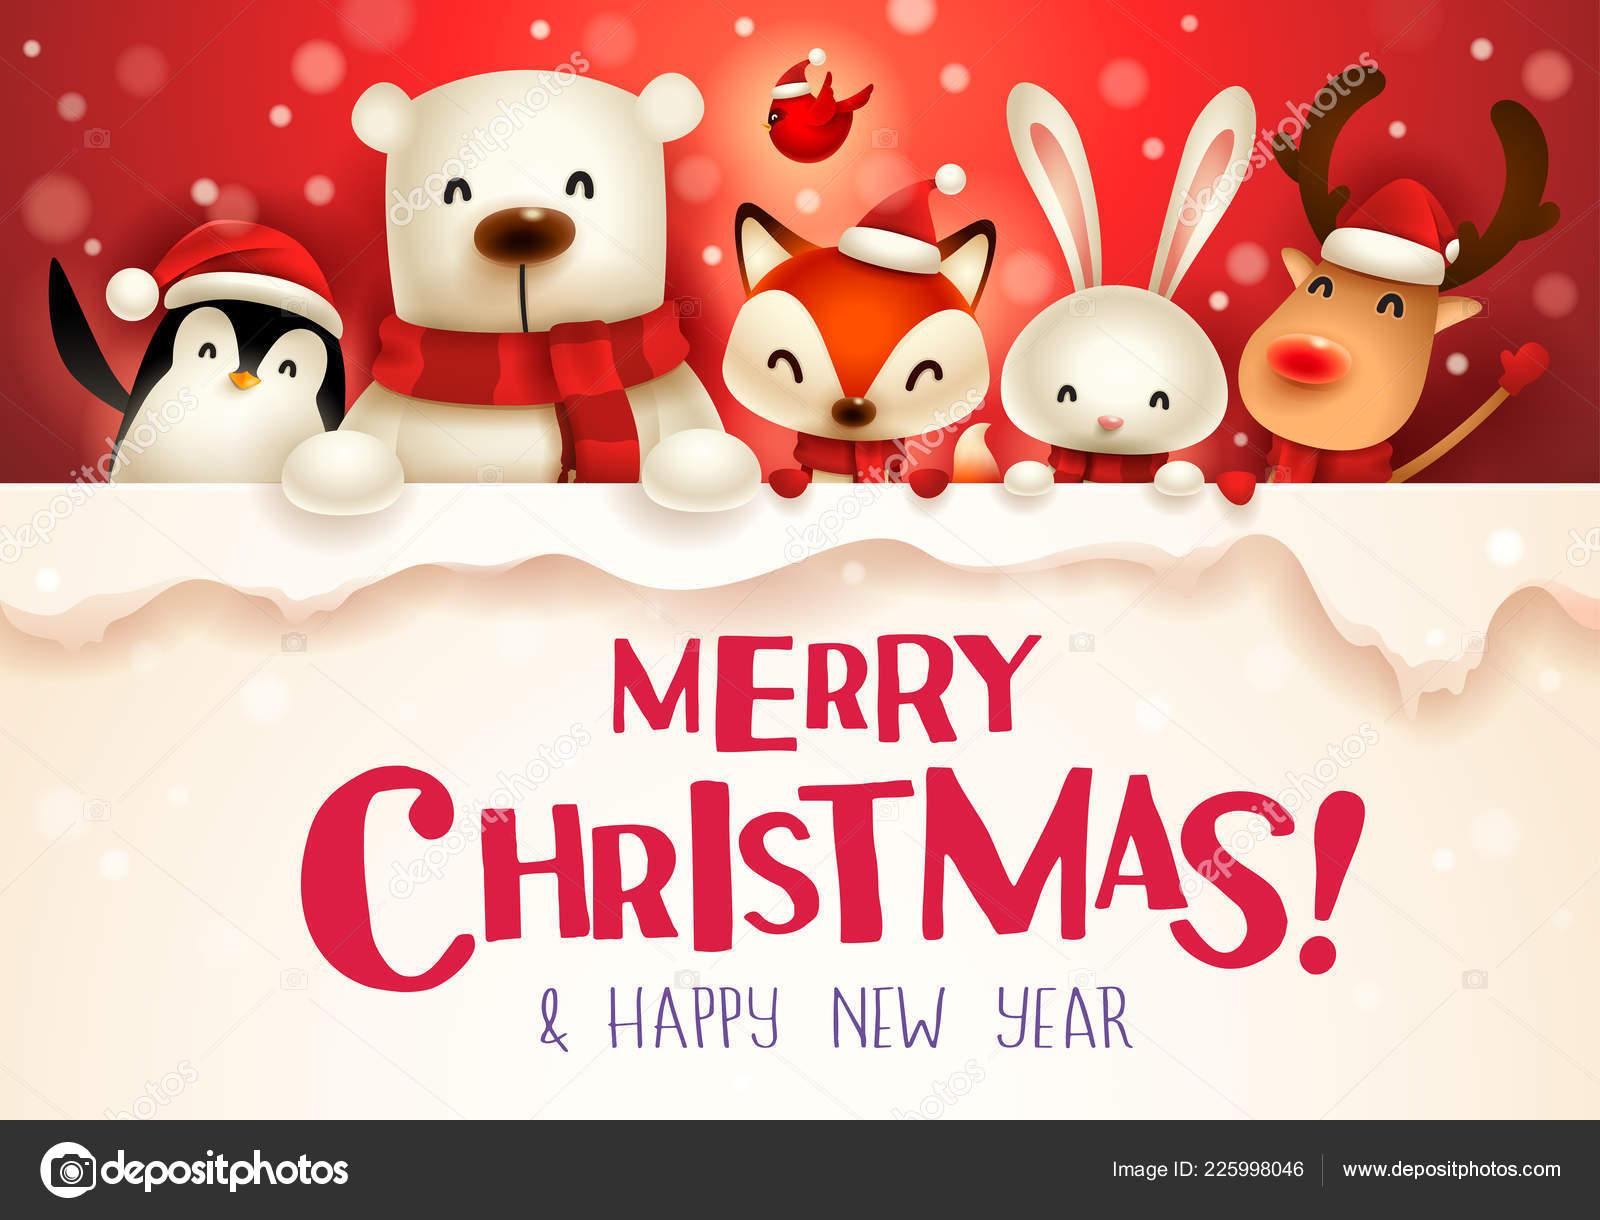 Vettore Buon Natale Con Cagnolini Buon Natale Carattere